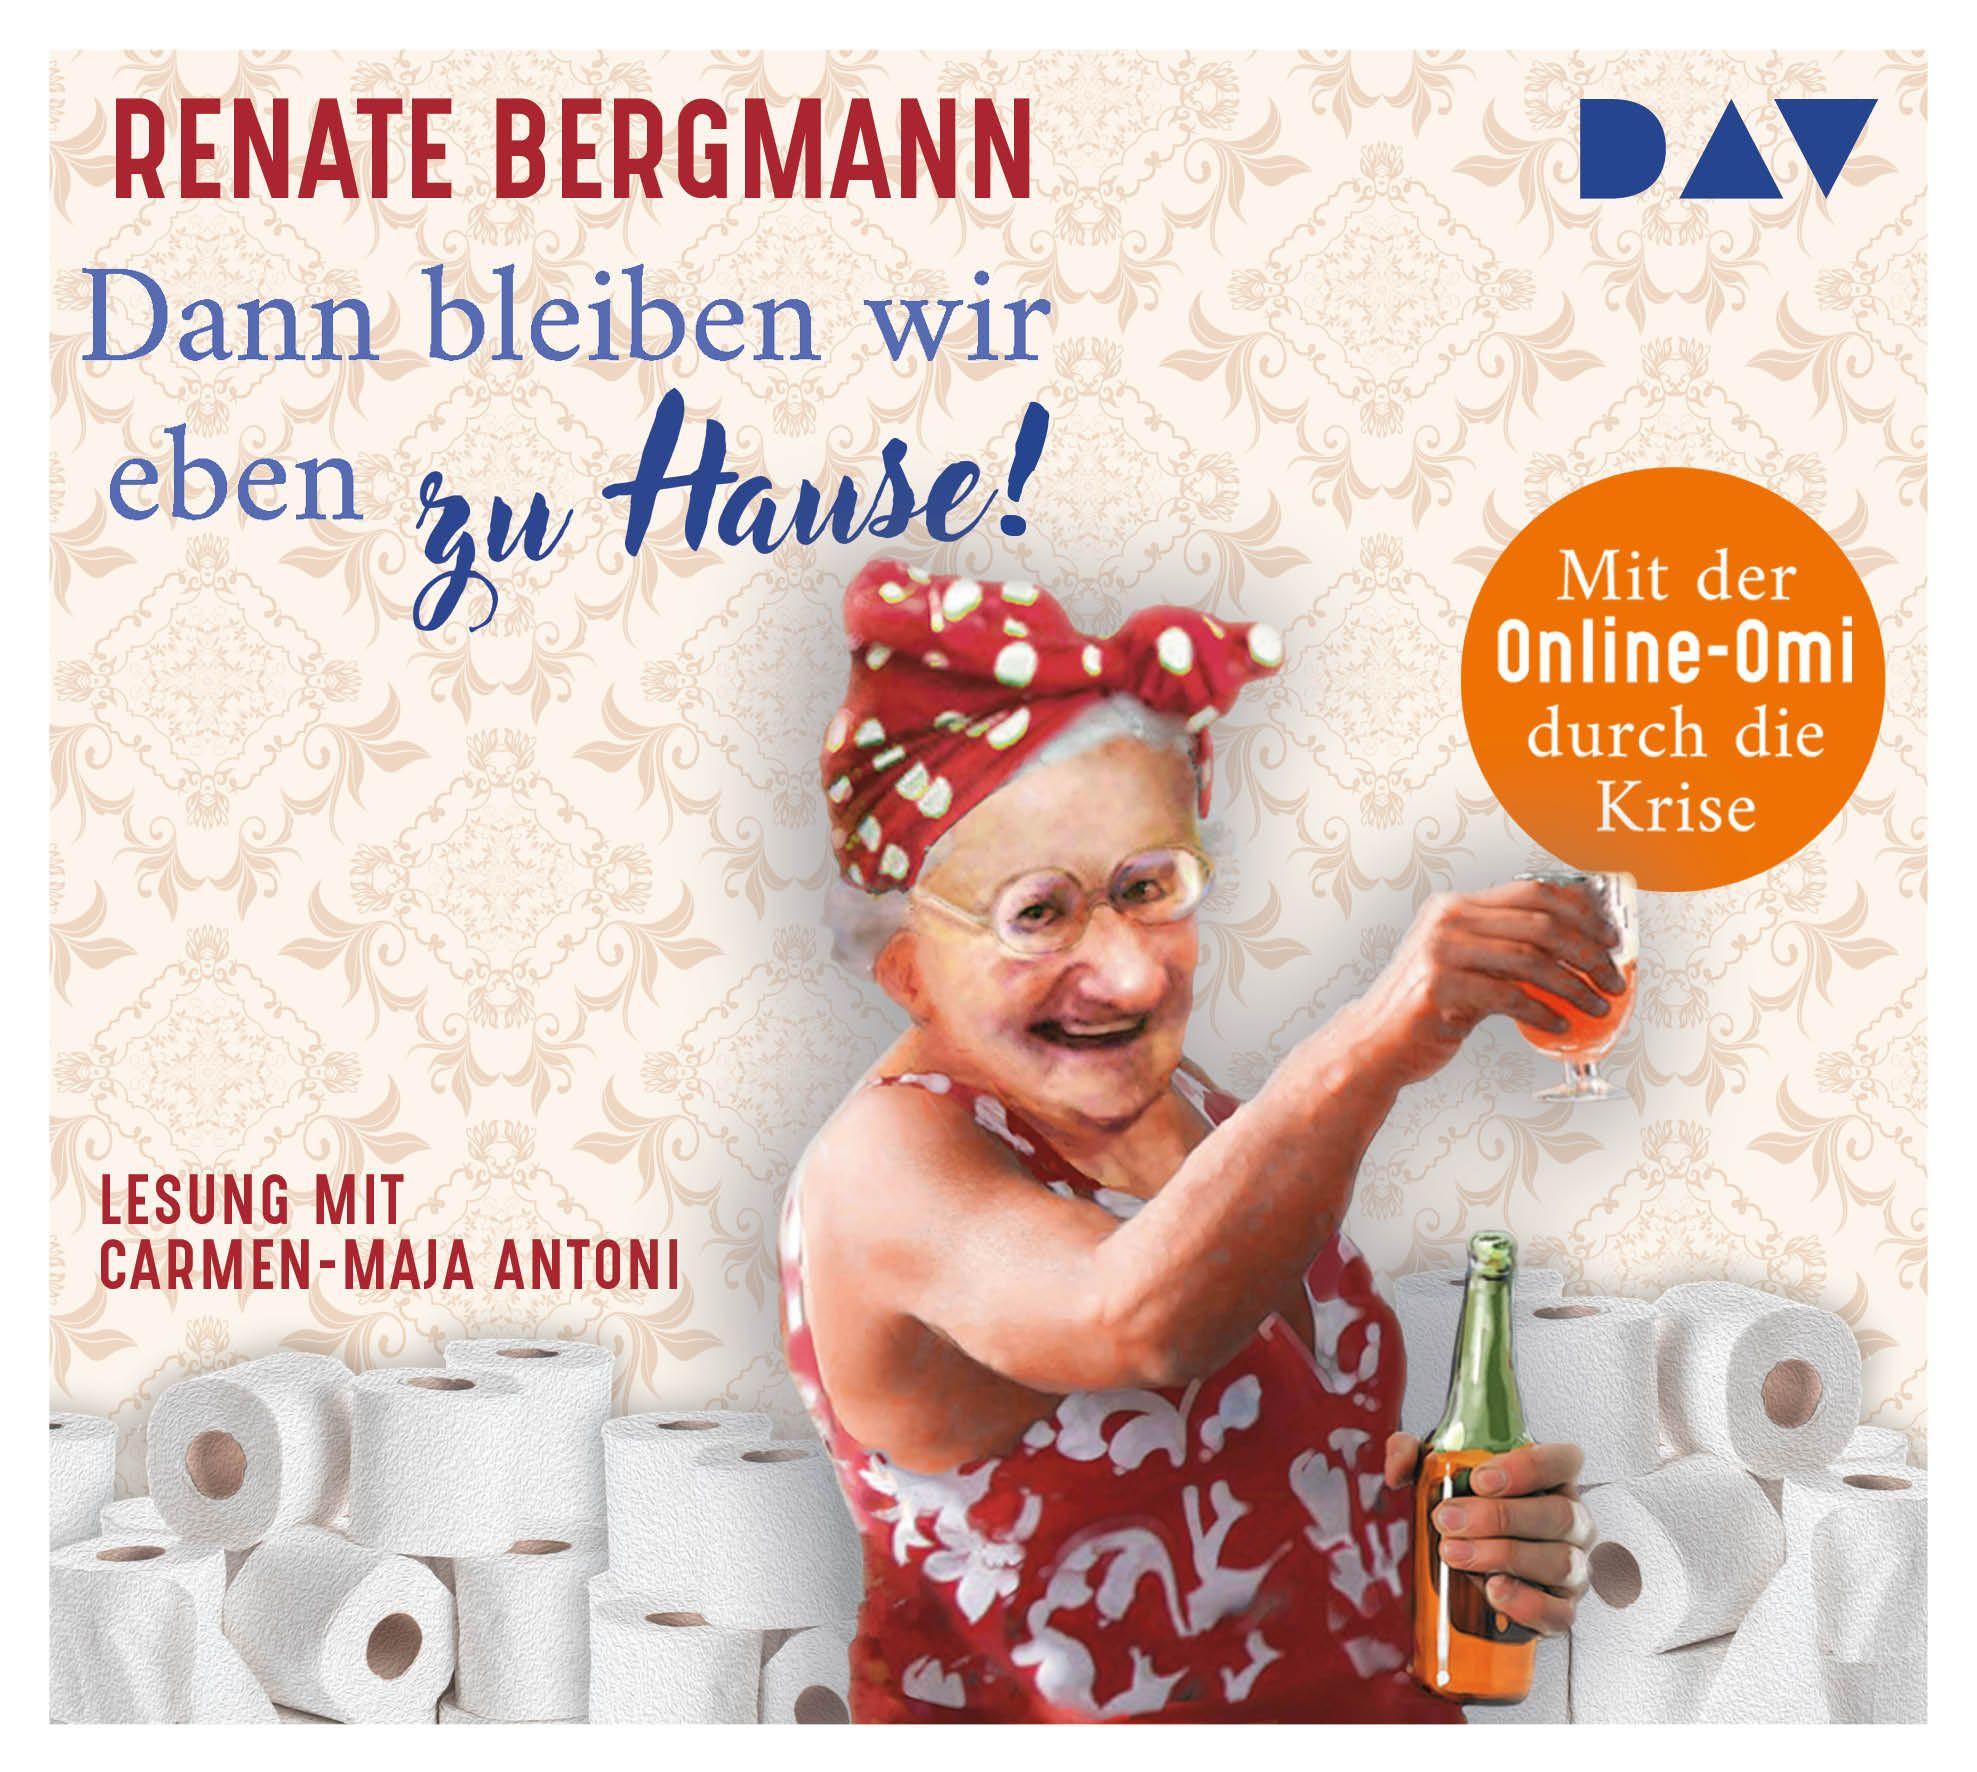 Renate Bergmann - Dann bleiben wir eben zu Hause!